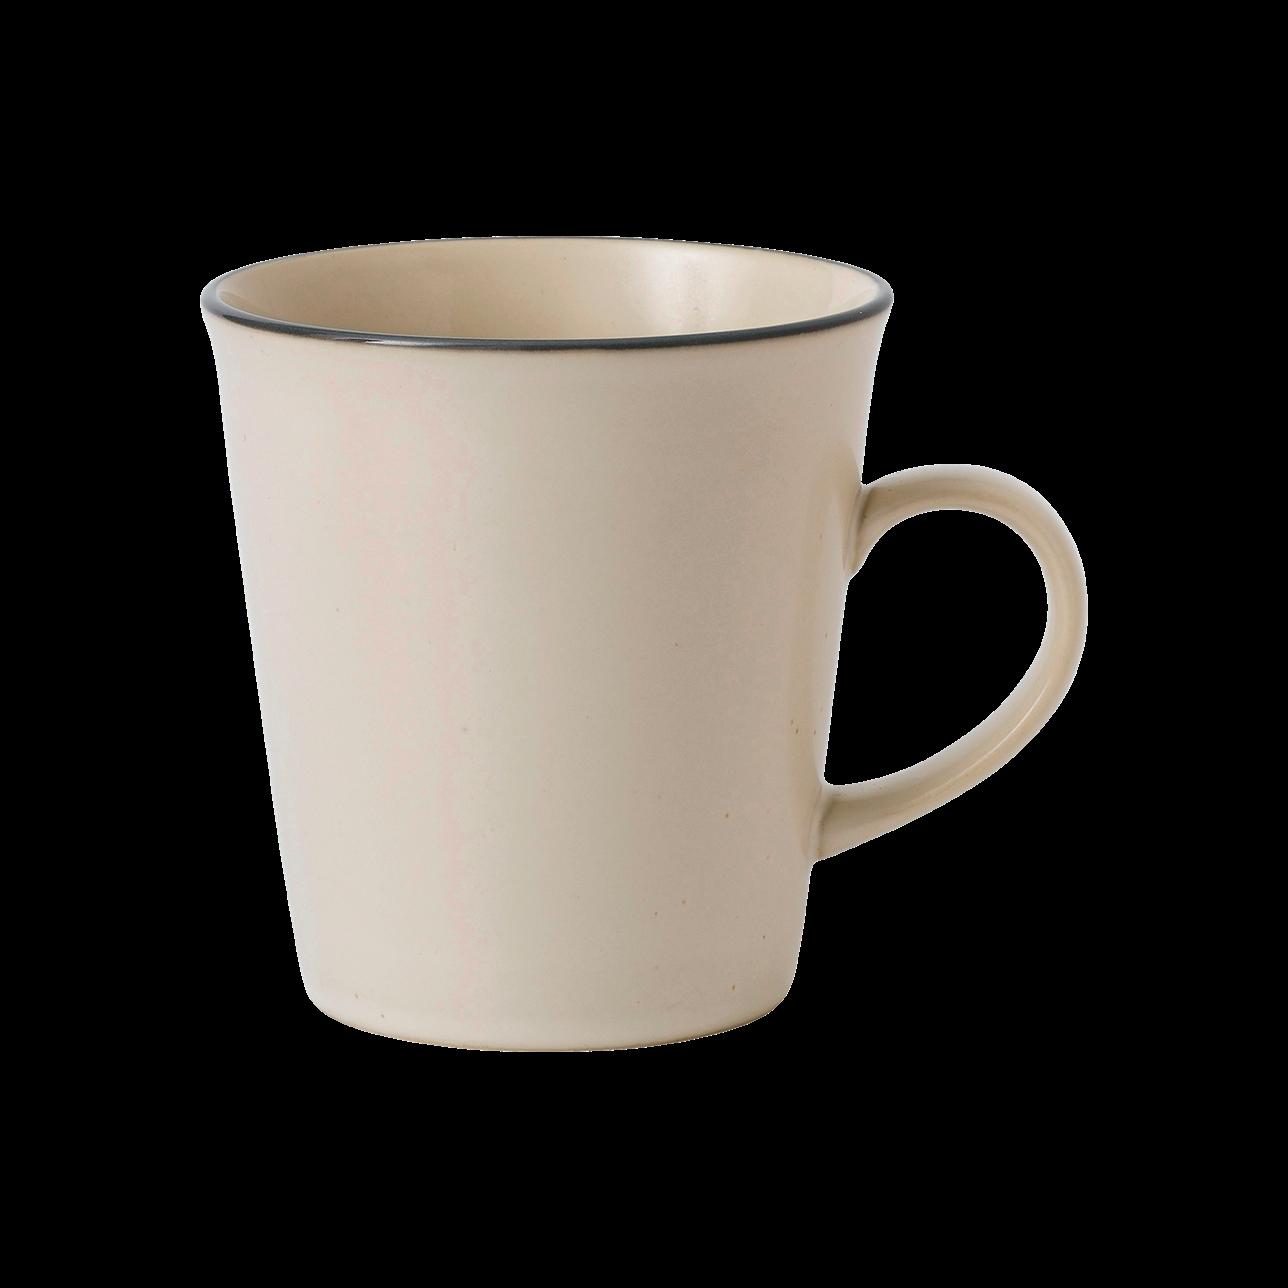 Union Street Cream Mug